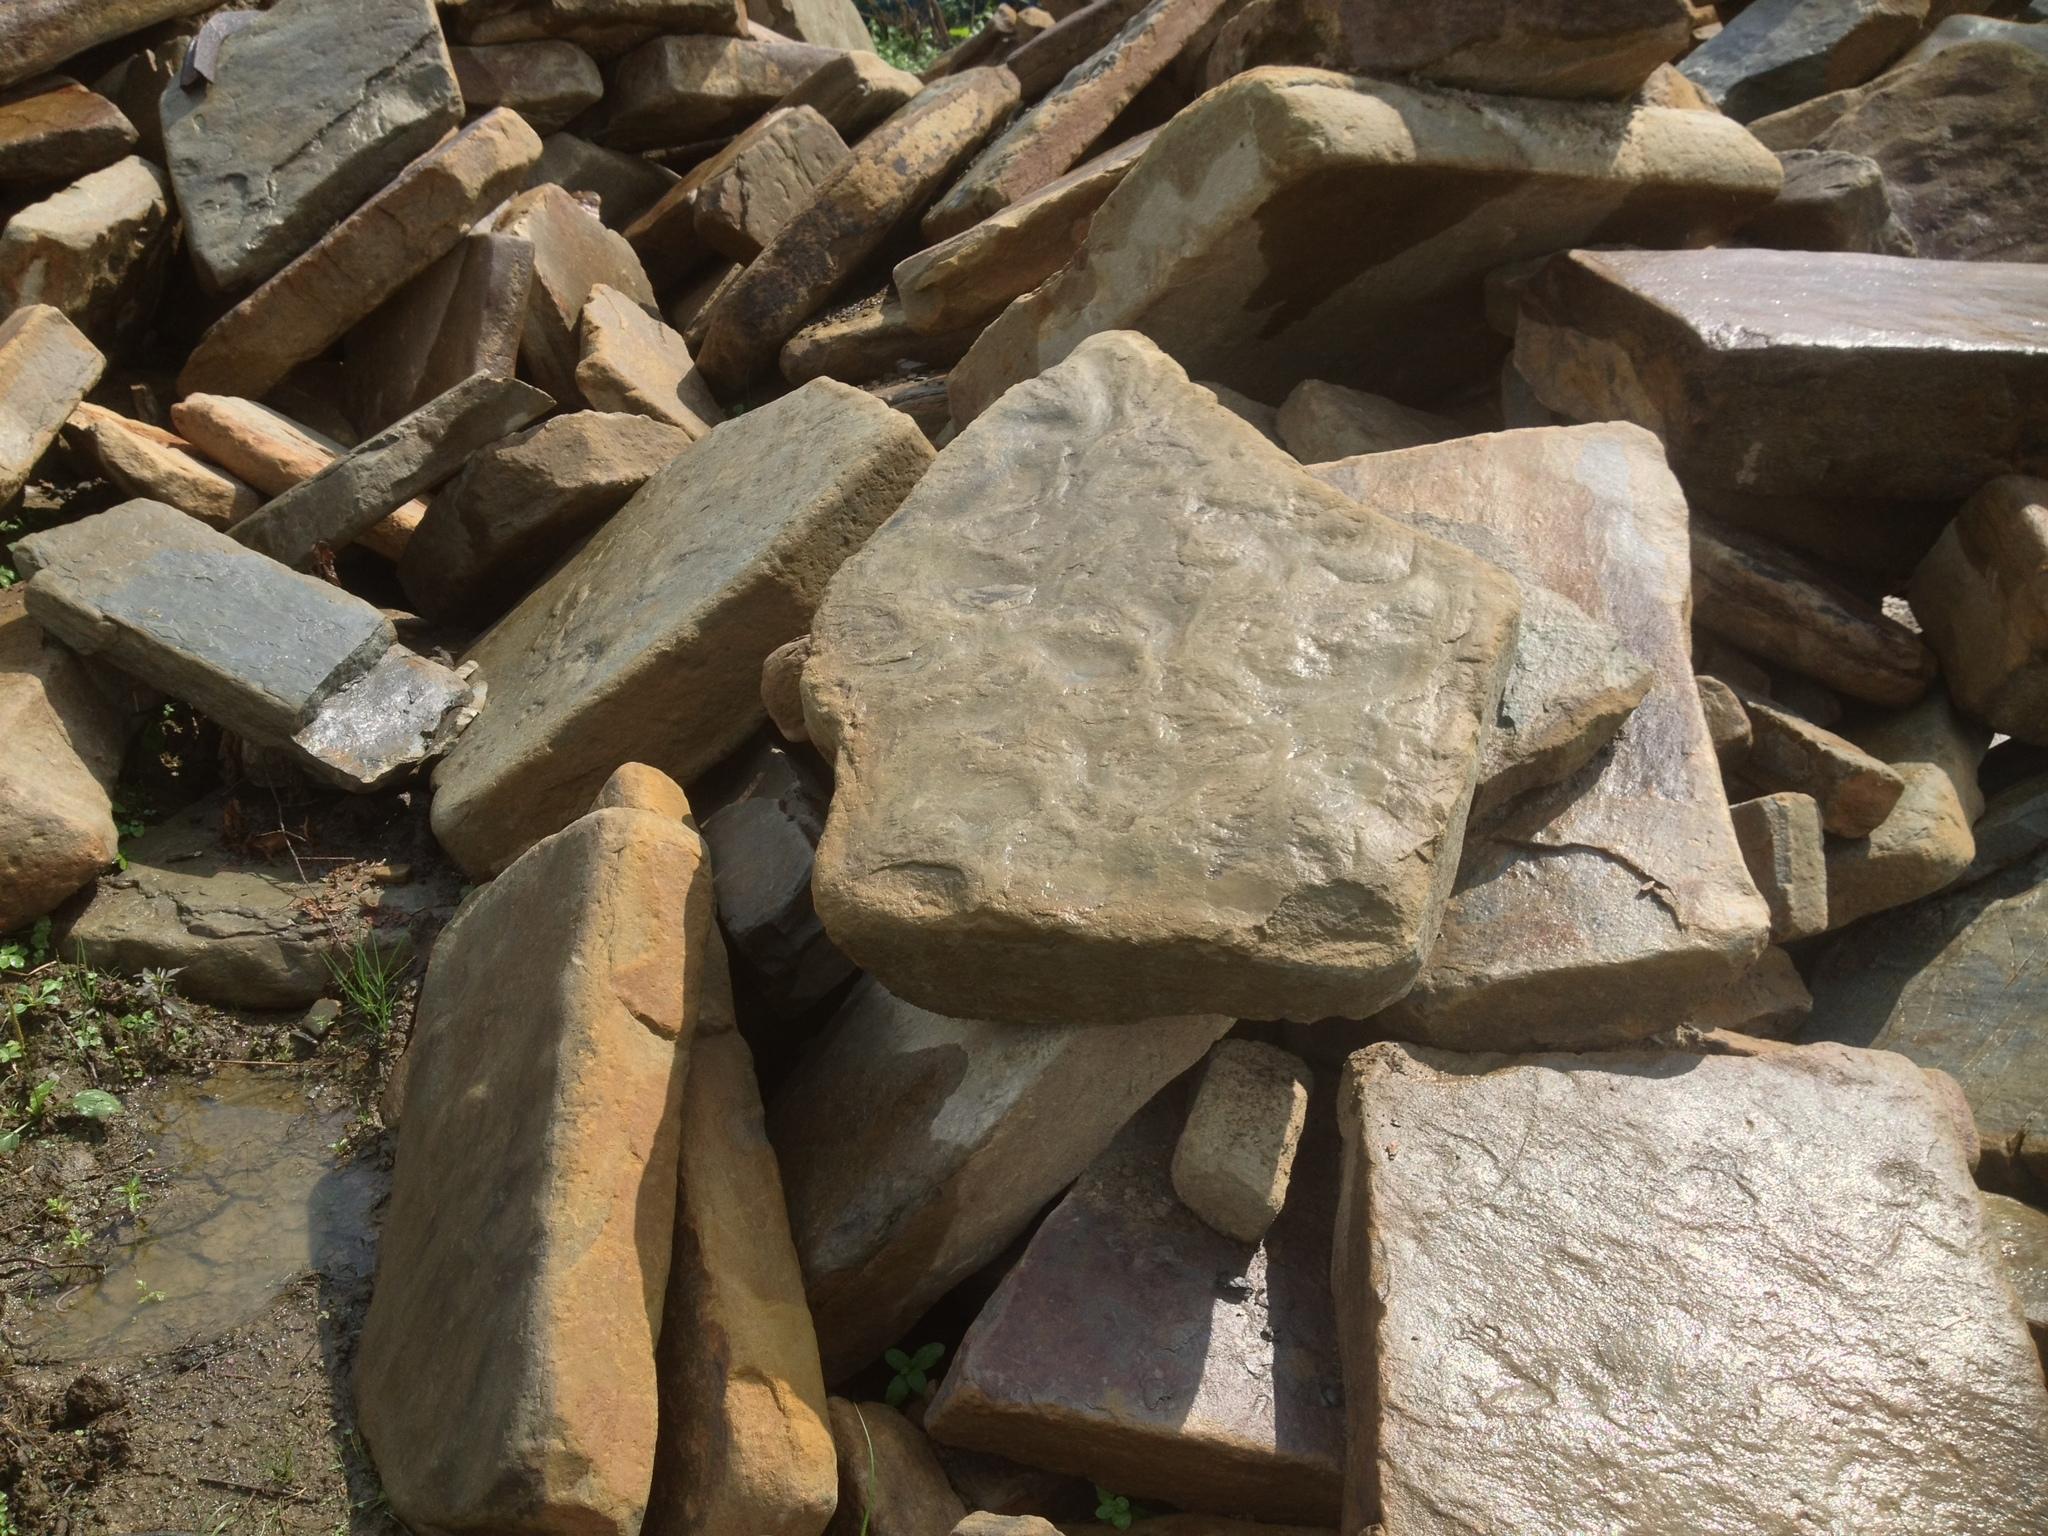 Мокрый камень Шаговая дорожка камень речной Серый